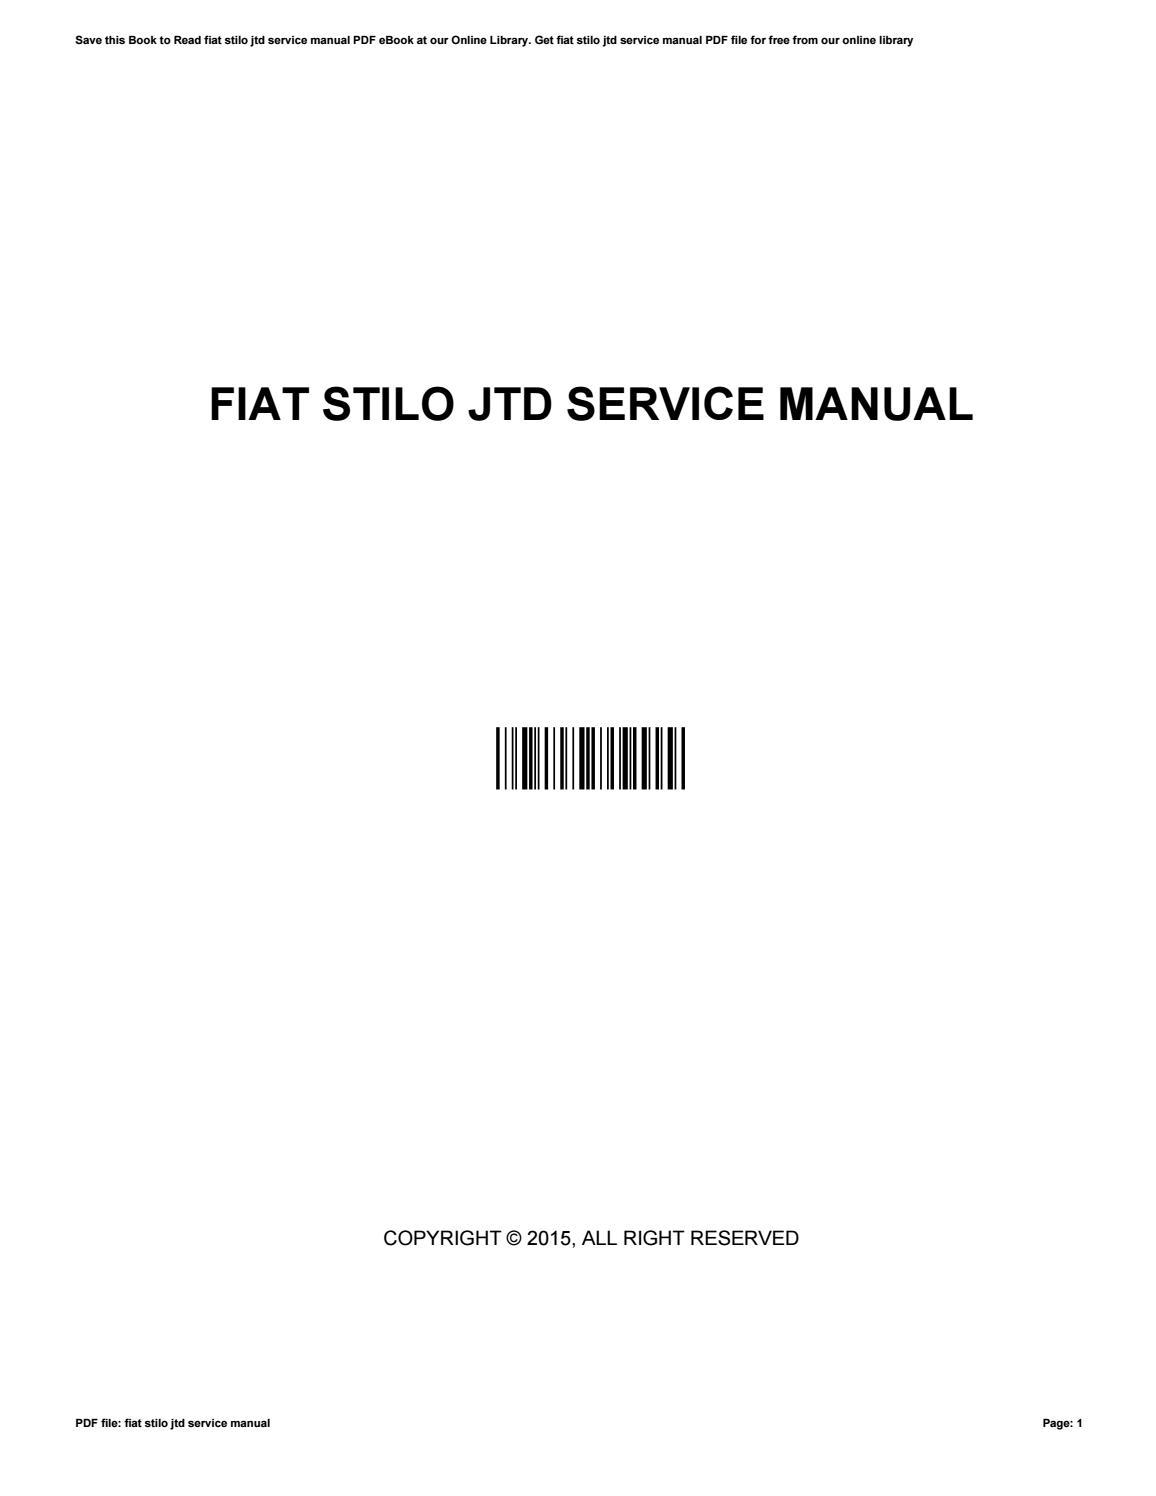 Fiat Fuse Box Diagram